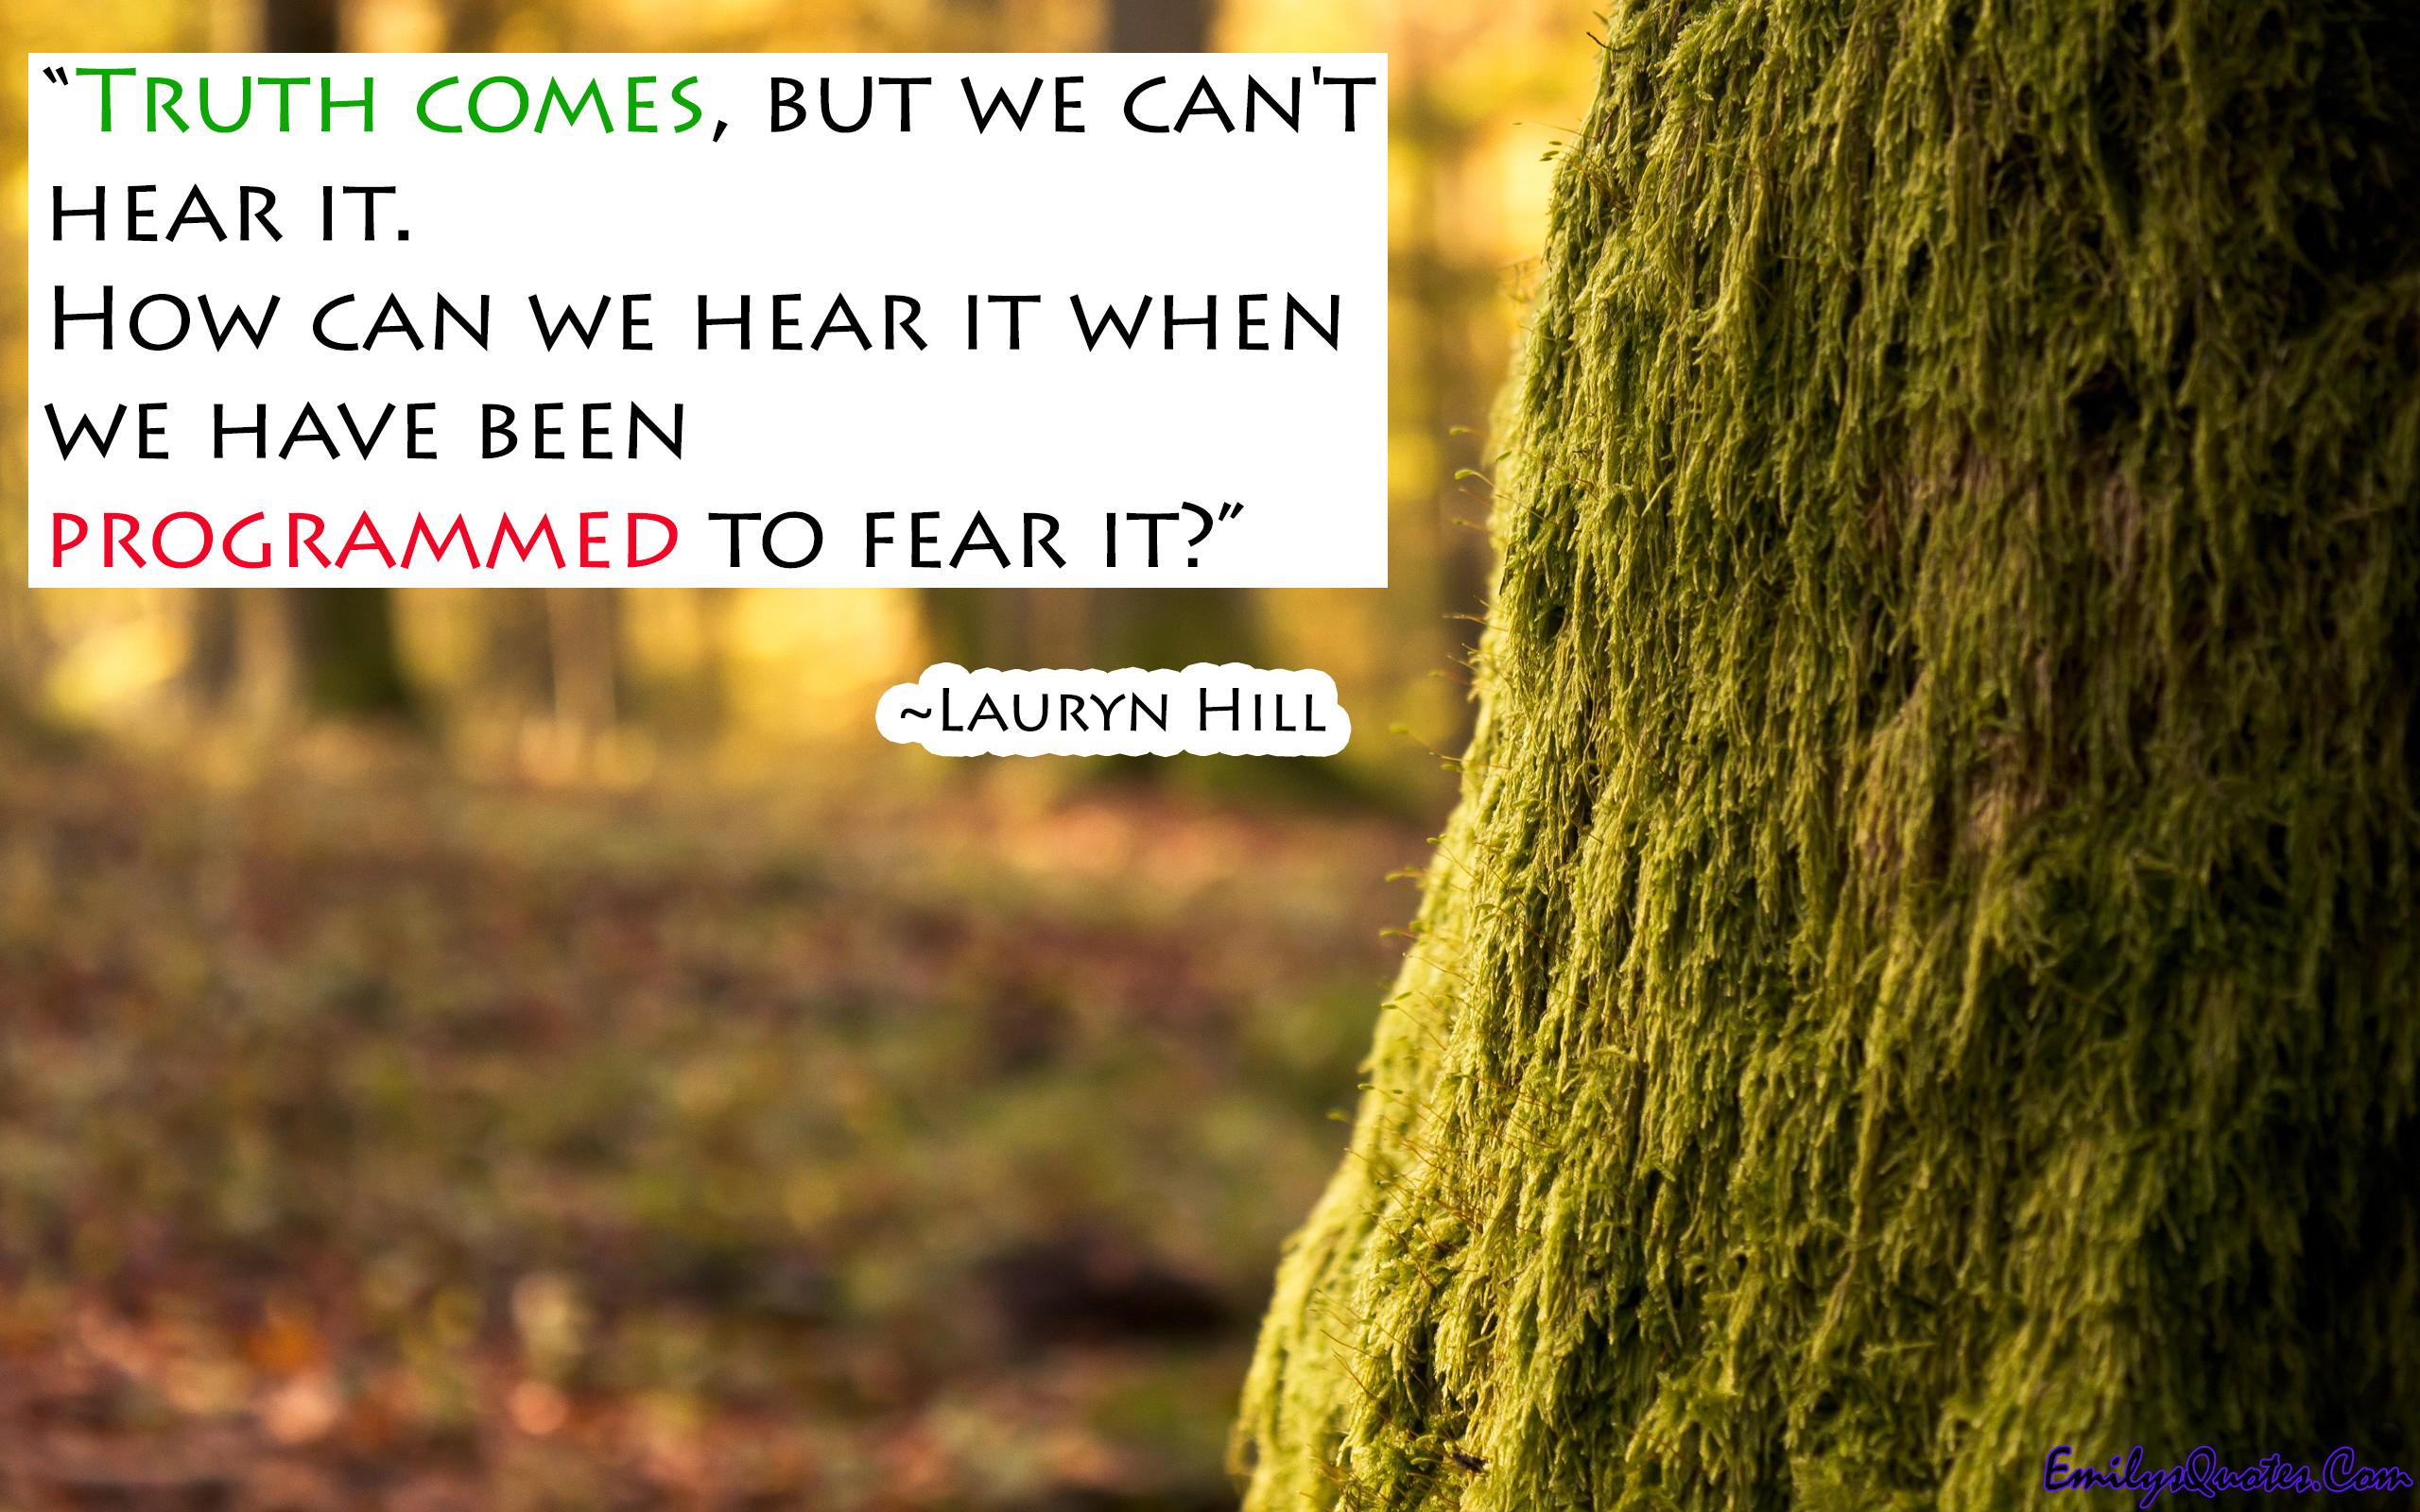 EmilysQuotes.Com - truth, fear, Lauryn Hill